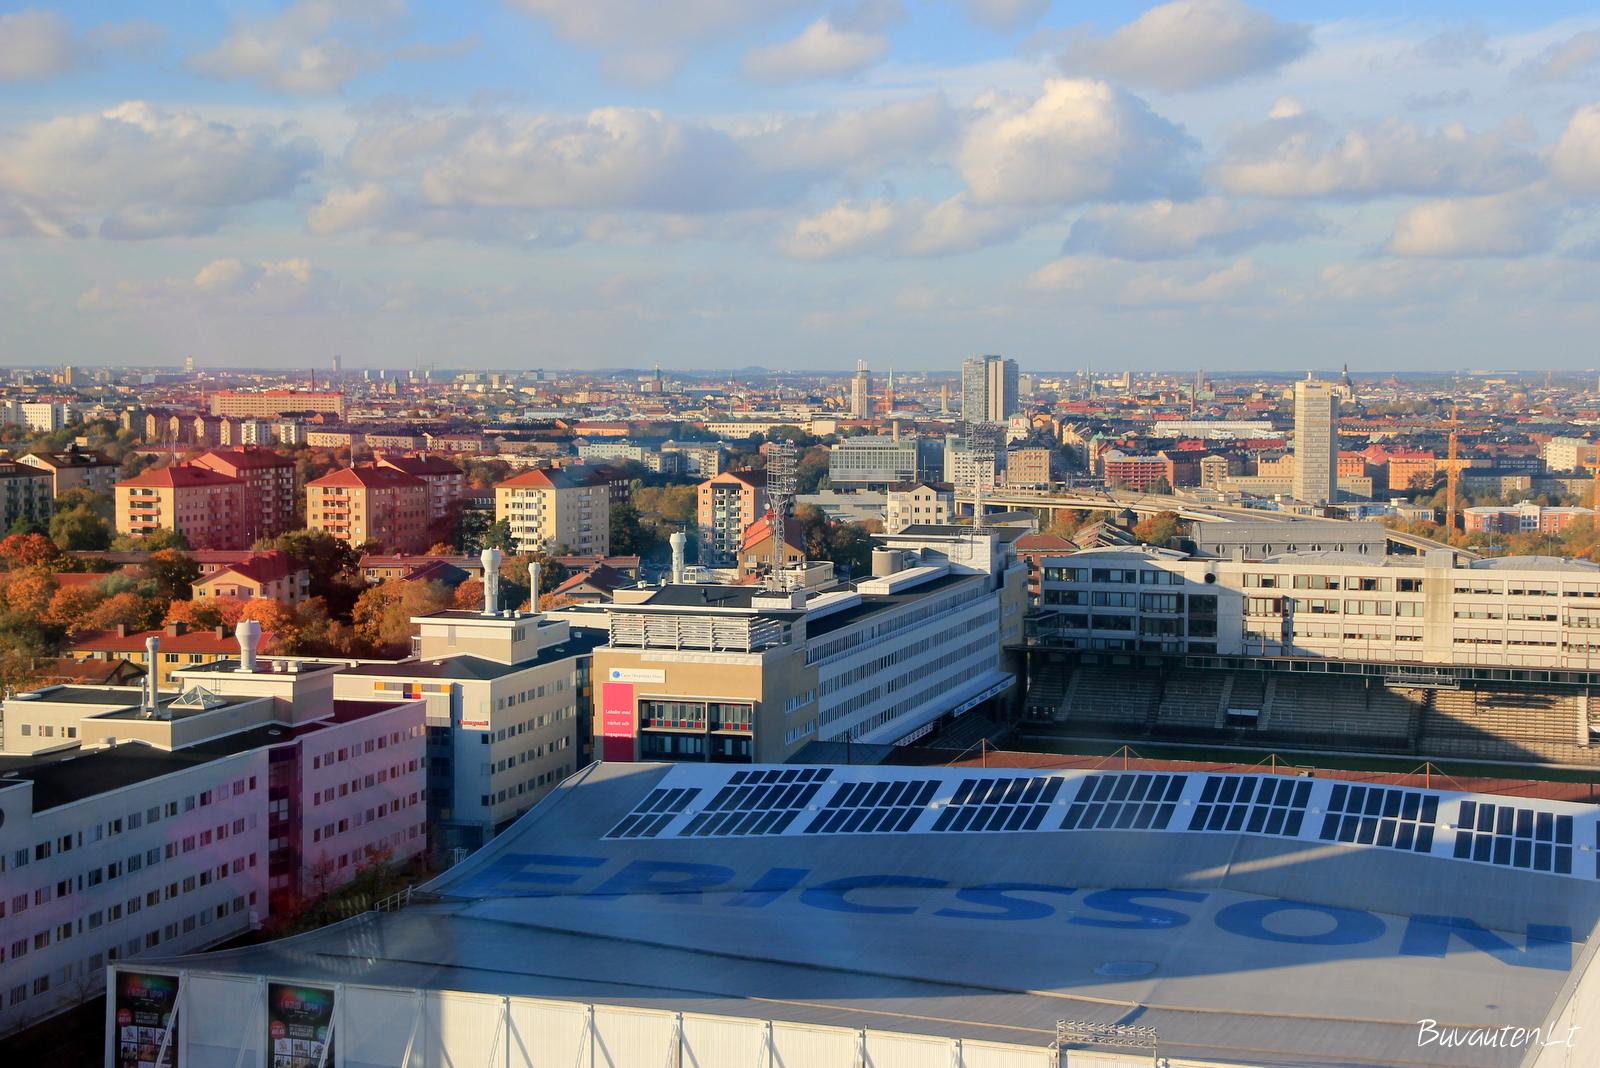 Stokholmo arena